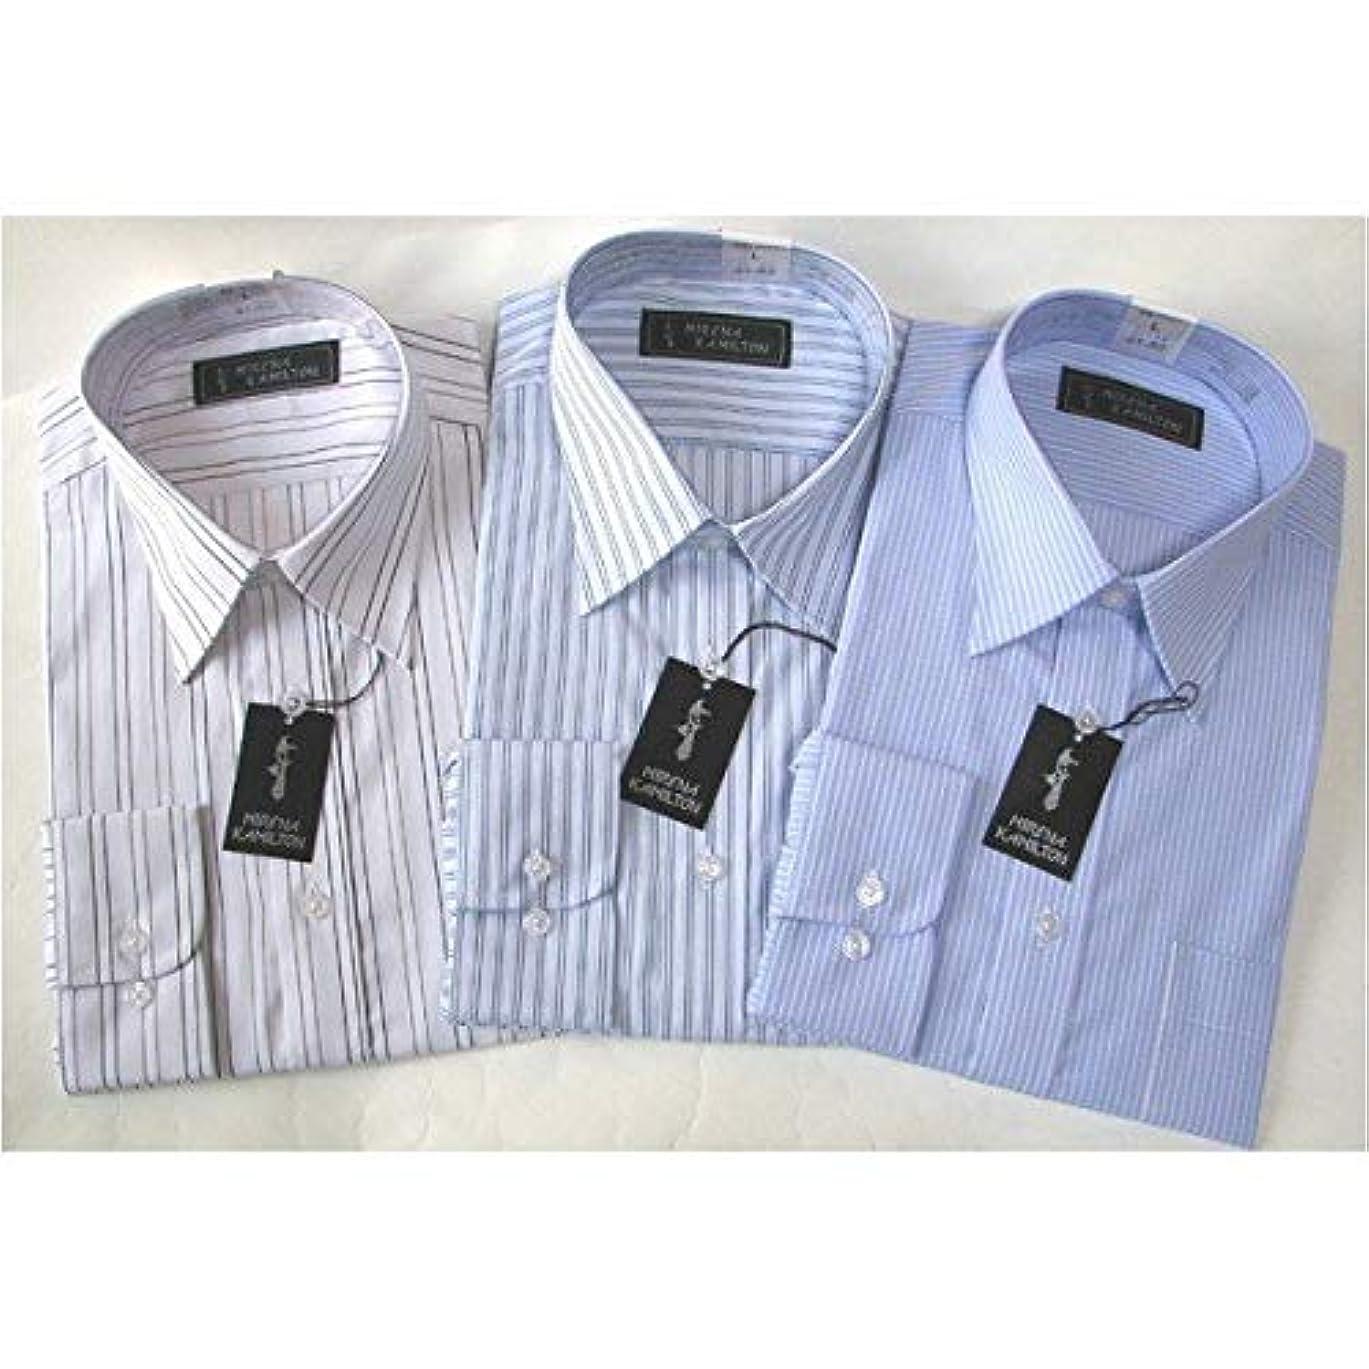 いちゃつく正確さシンプトンメンズビジネスストライプ ワイシャツ 長袖 Lサイズ 【 3点お得セット 】